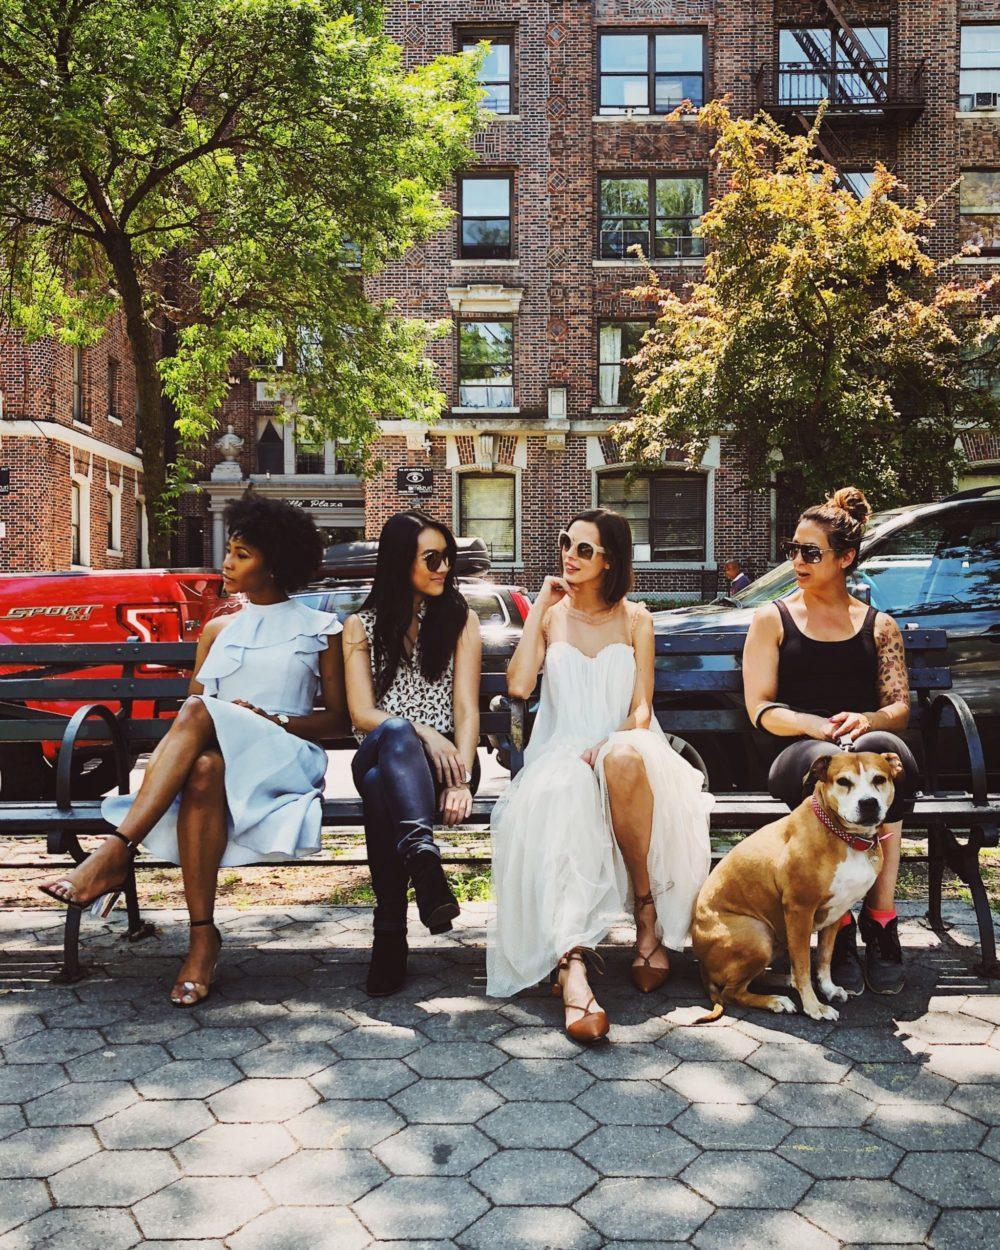 ベンチに座る女性達